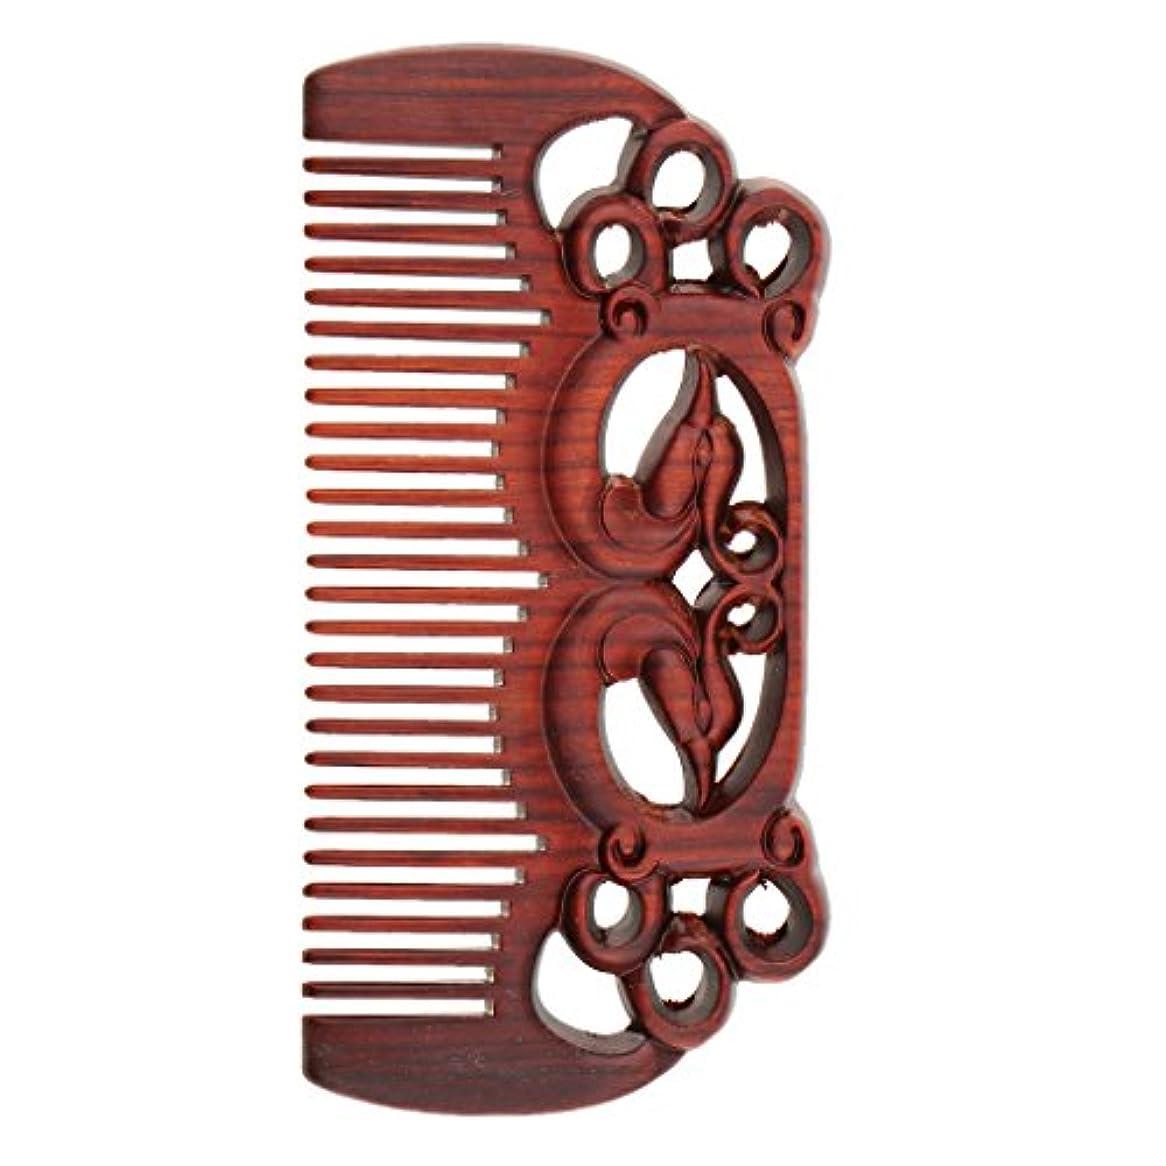 想定する不信中世のPerfeclan ウッドコーム 天然木製 高品質 木製櫛 ワイド歯 ヘアブラシ ヘアスタイリング ヘアコーム 2タイプ選べる - #1